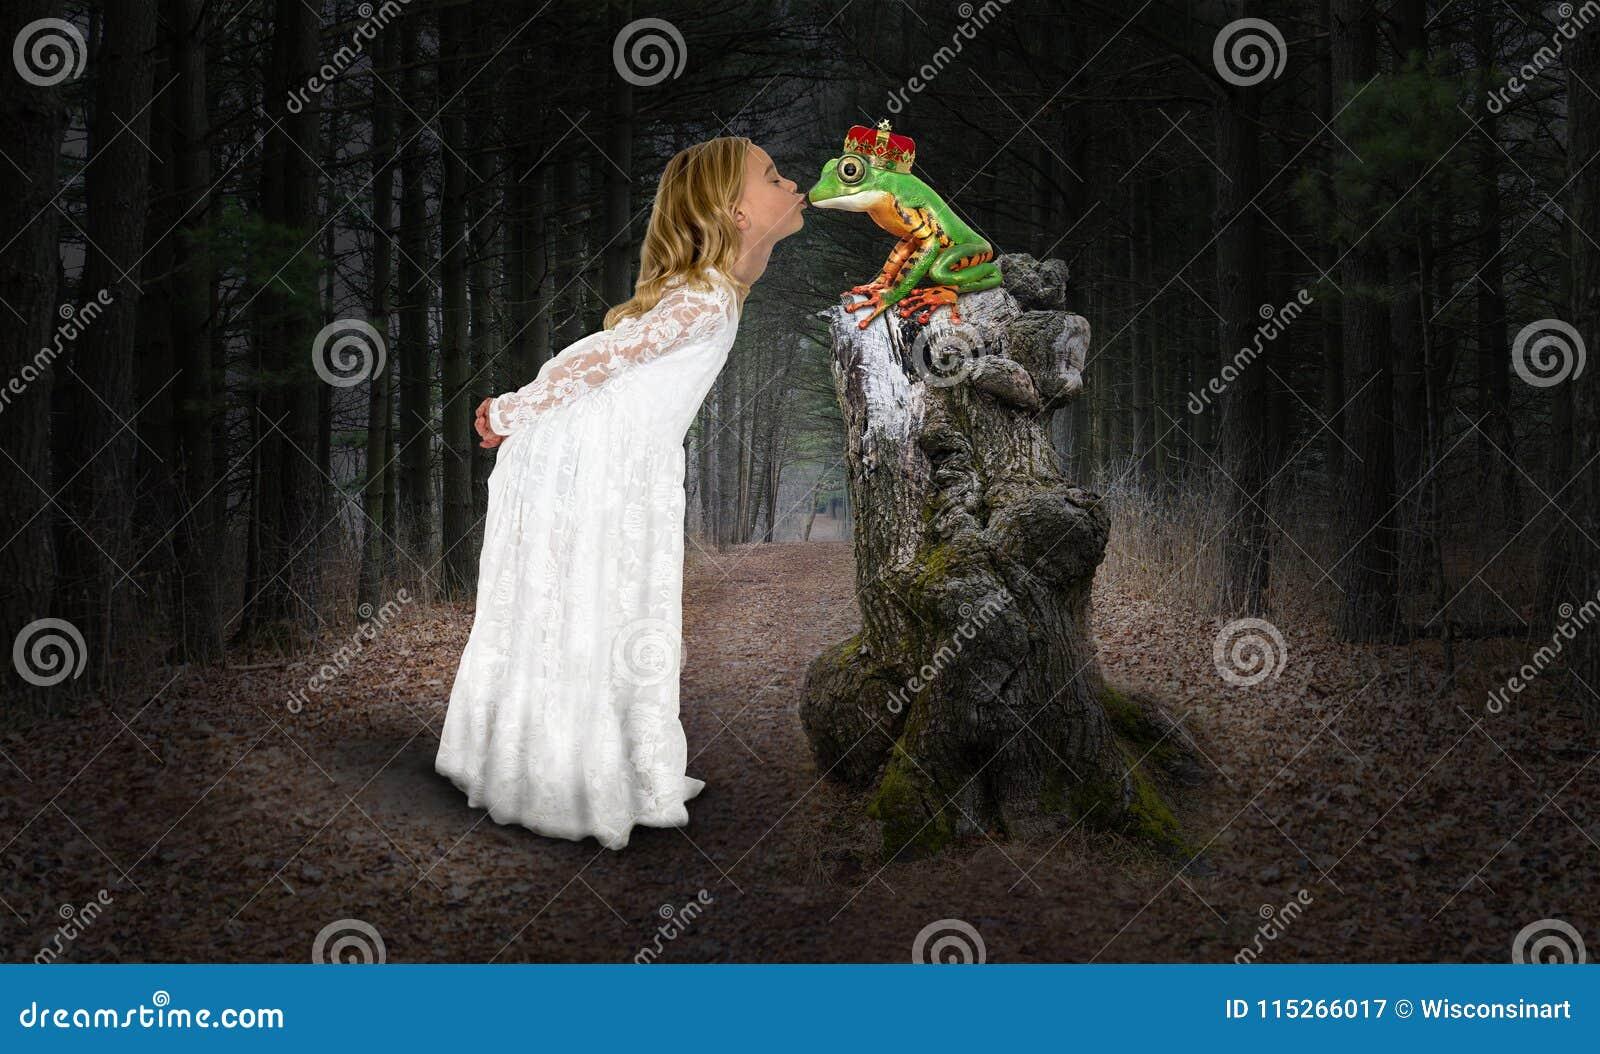 Flicka prinsessa, kyss, kyssande groda, fantasi